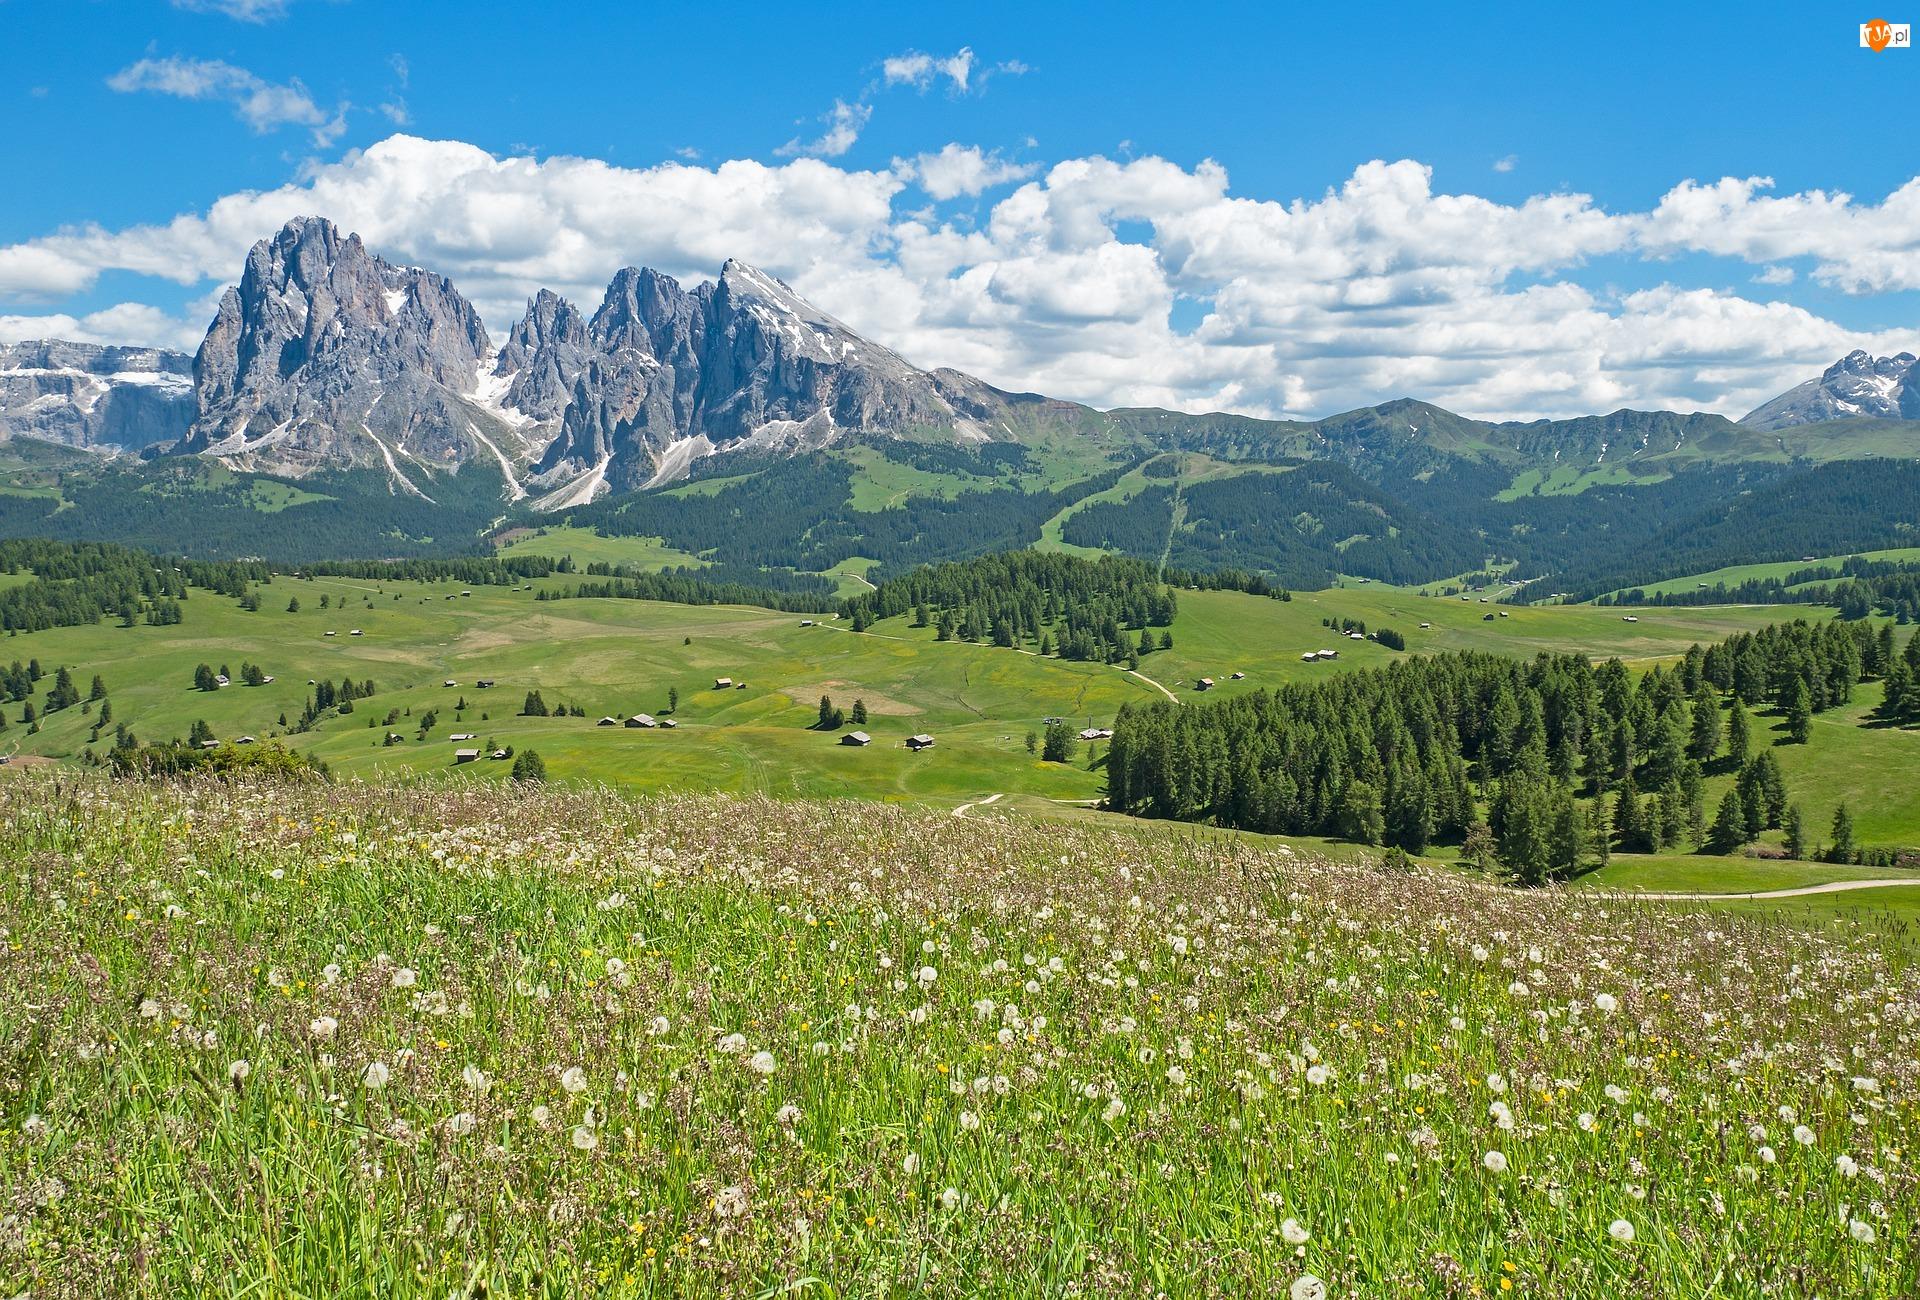 Włochy, Drzewa, Dolomity, Płaskowyż Seiser Alm, Góry Sassolungo, Lato, Domy, Łąka, Dolina Val Gardena